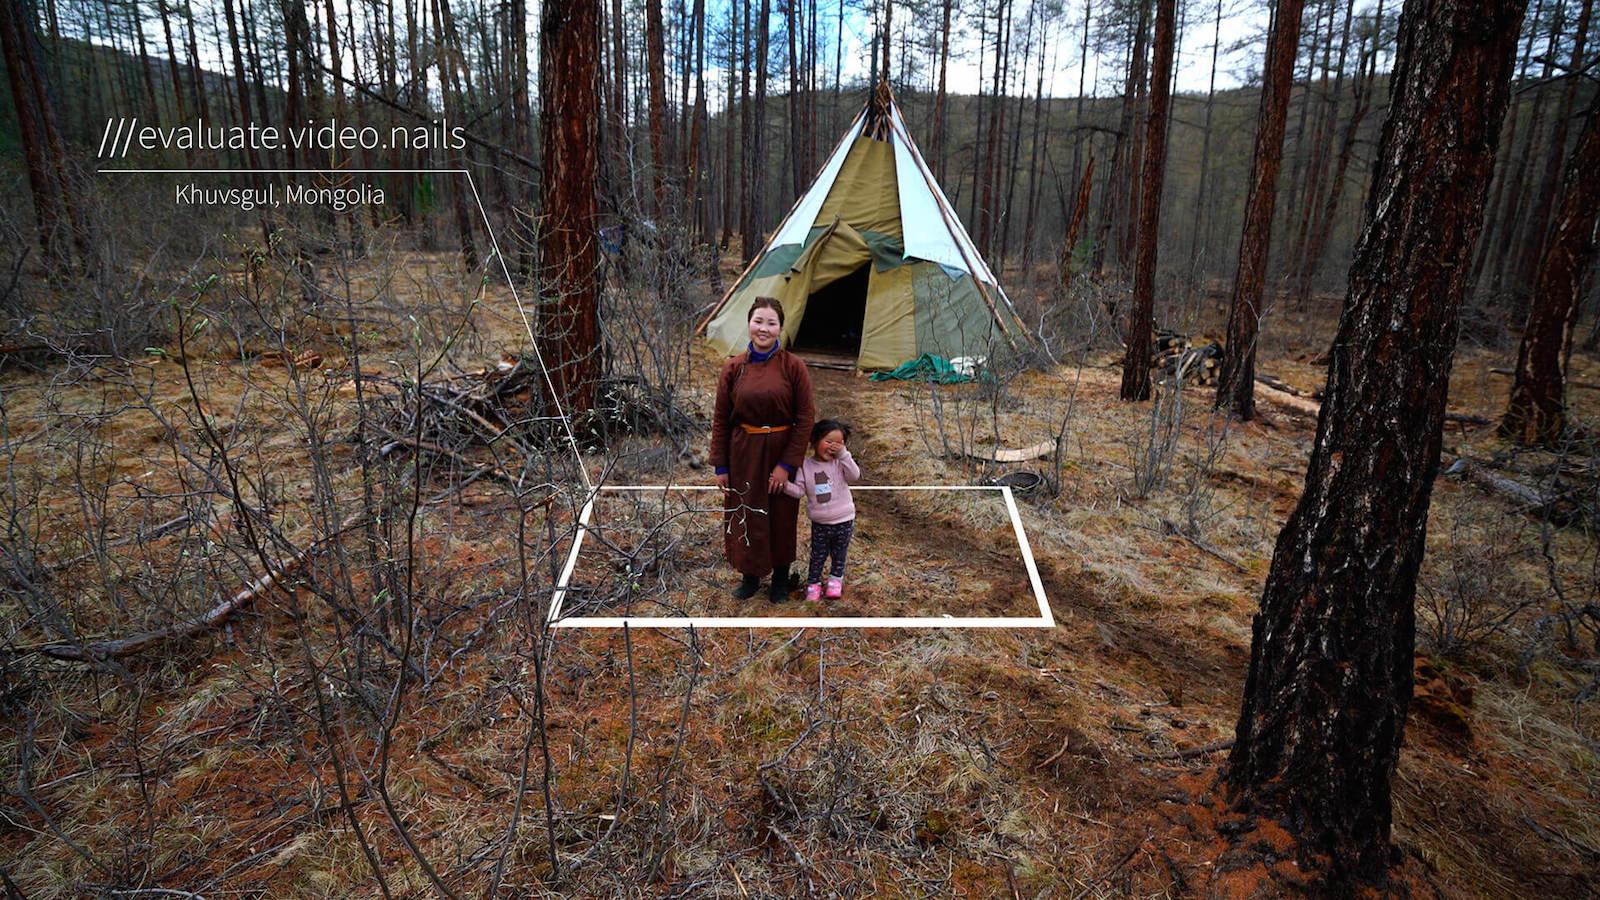 Airbnb pomáhá cestujícím hledat ubytování mimo vyznačené cesty